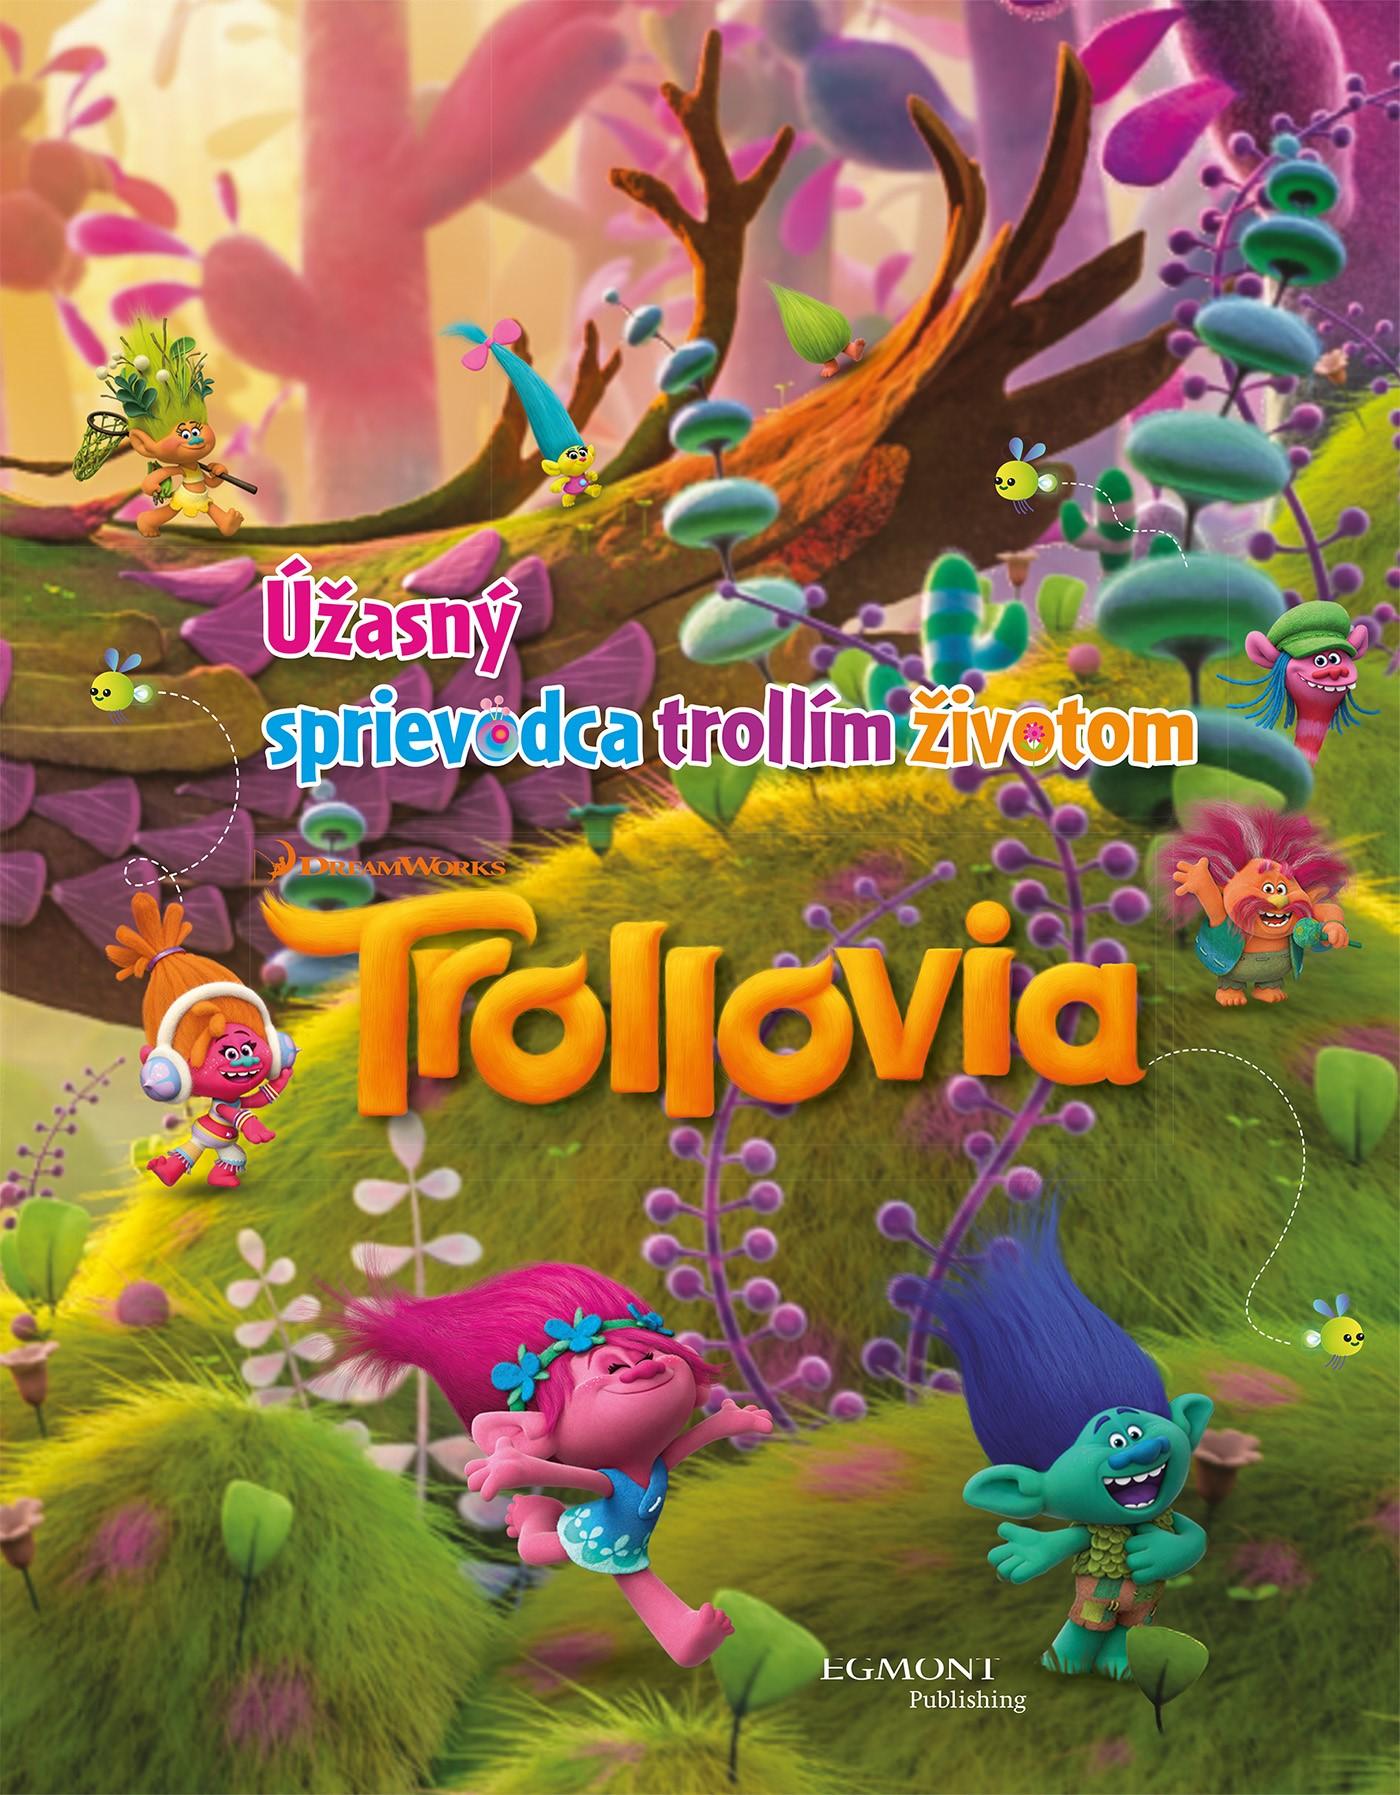 088f1ddba Trollovia - Úžasný sprievodca trollím životom   Albatrosmedia.sk